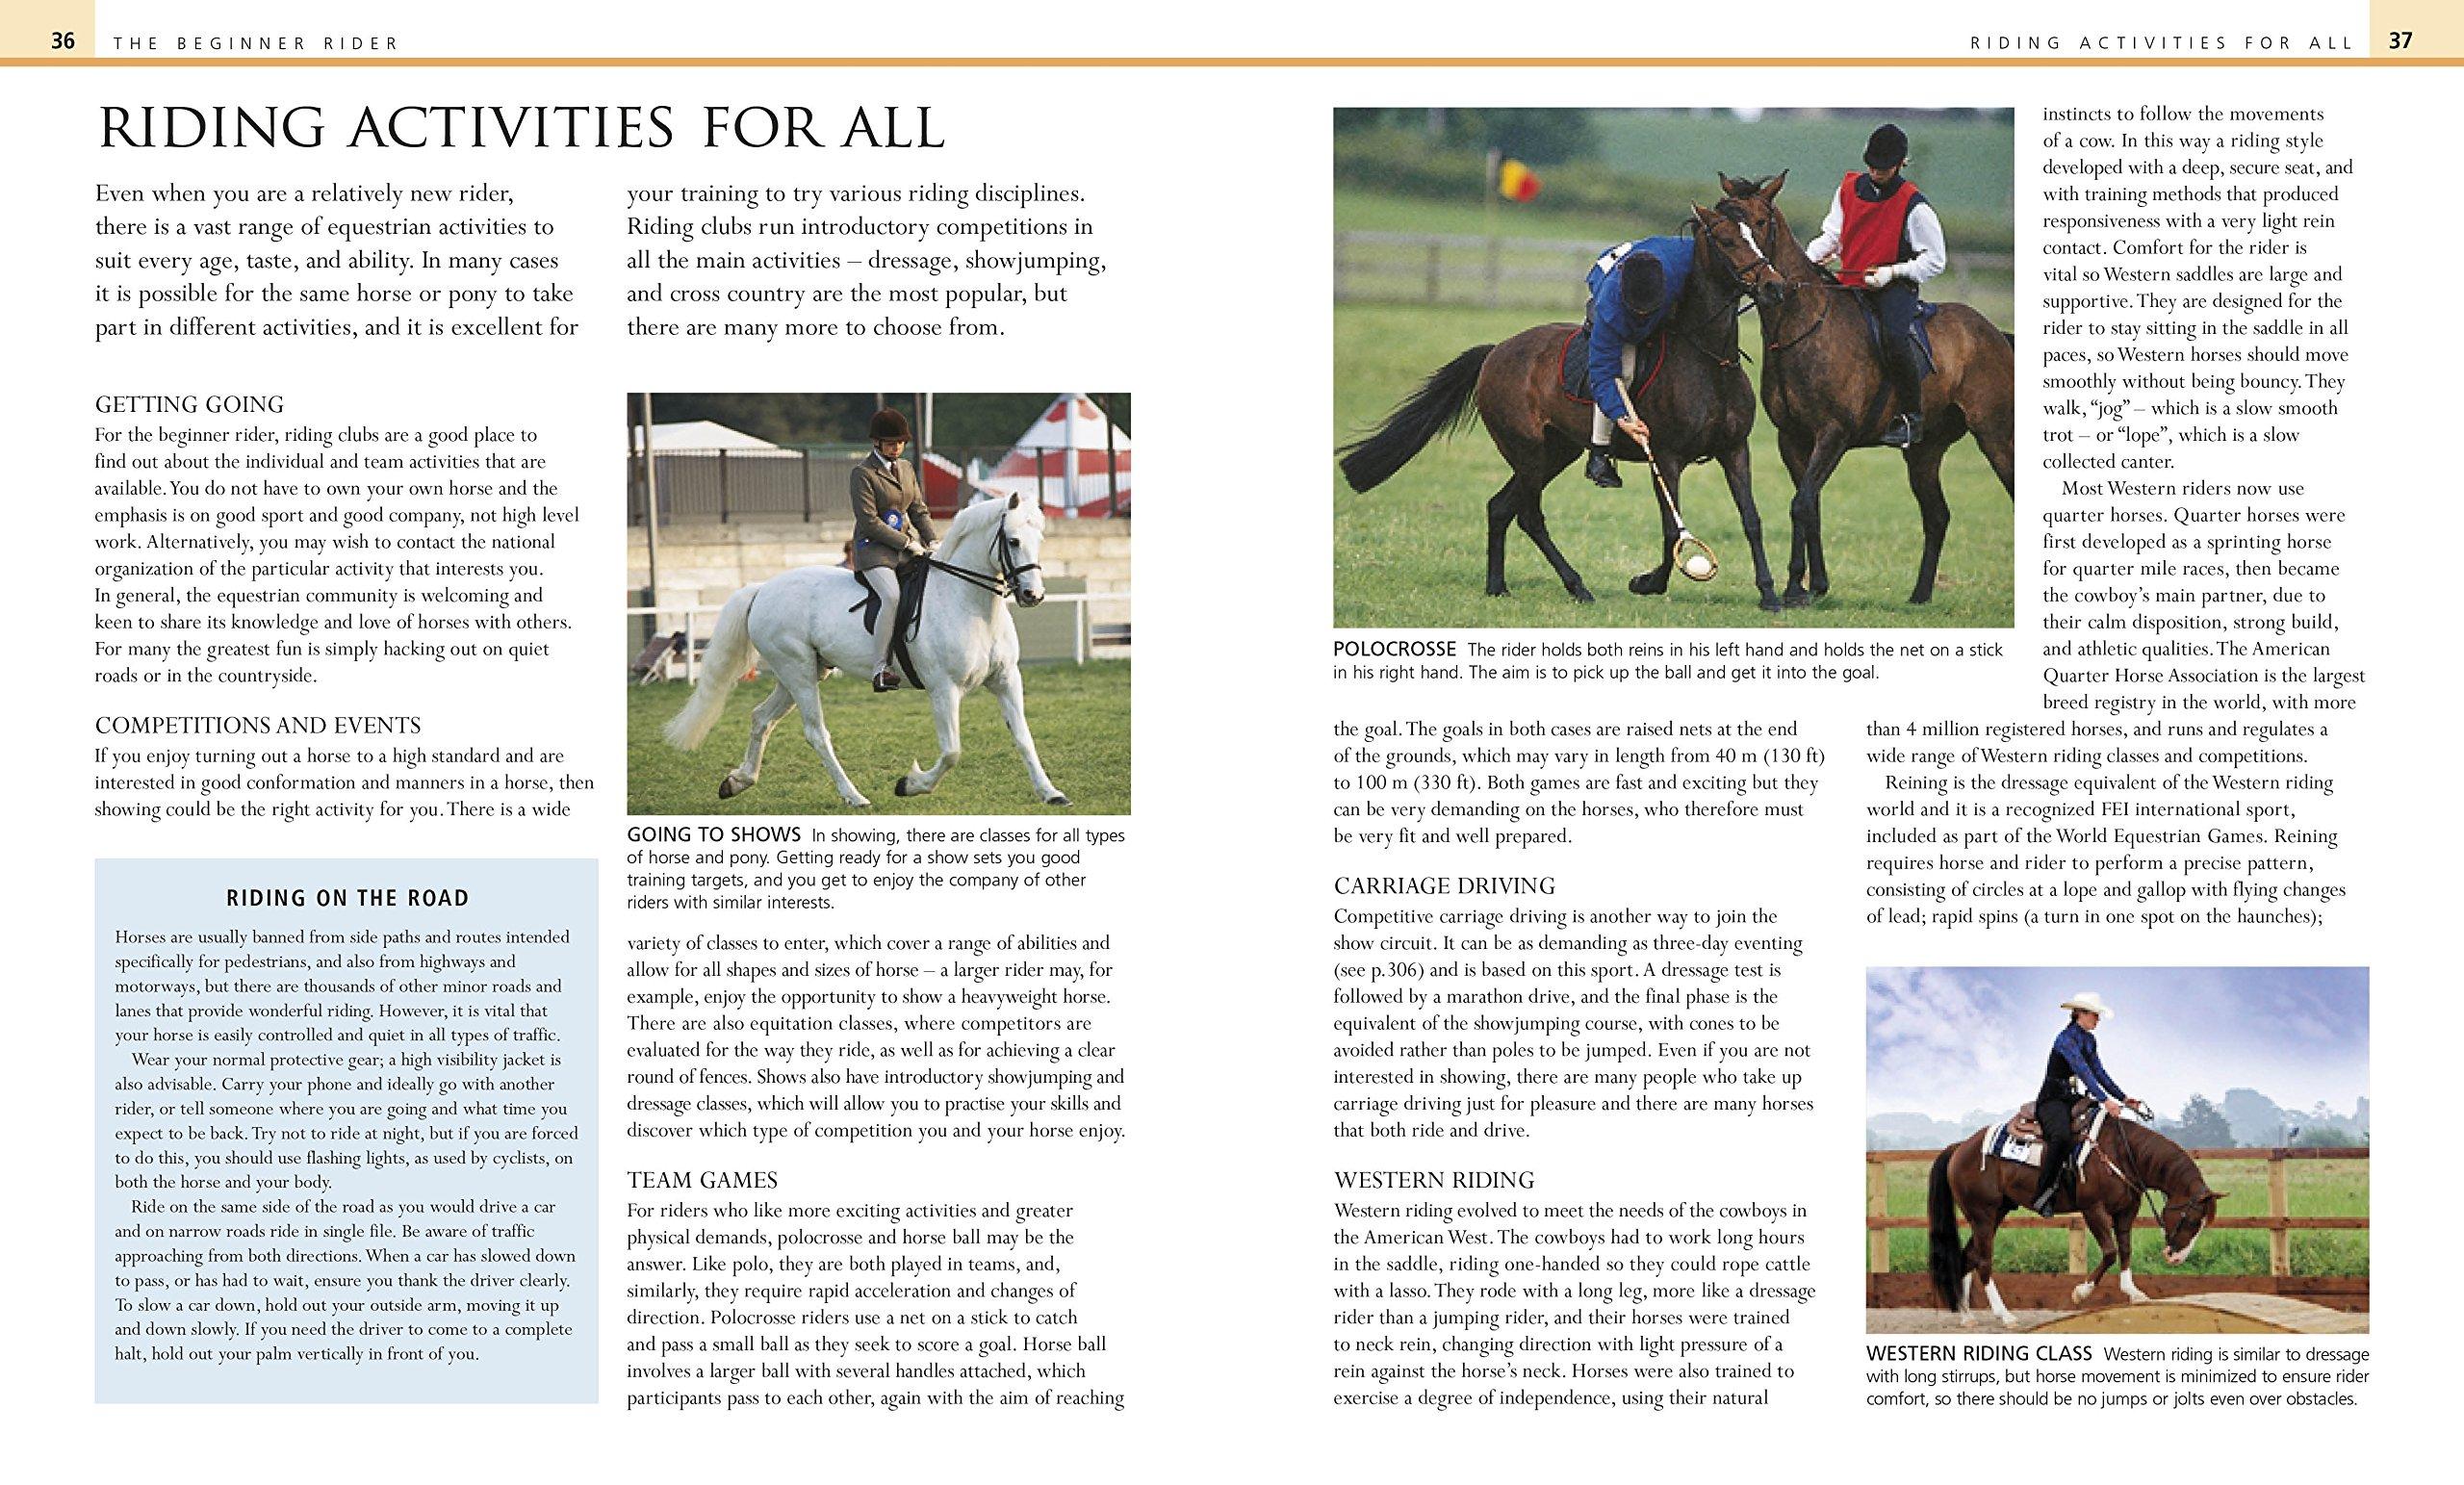 Complete Horse Riding Manual: William Micklem: 8601200498714: Amazon.com:  Books